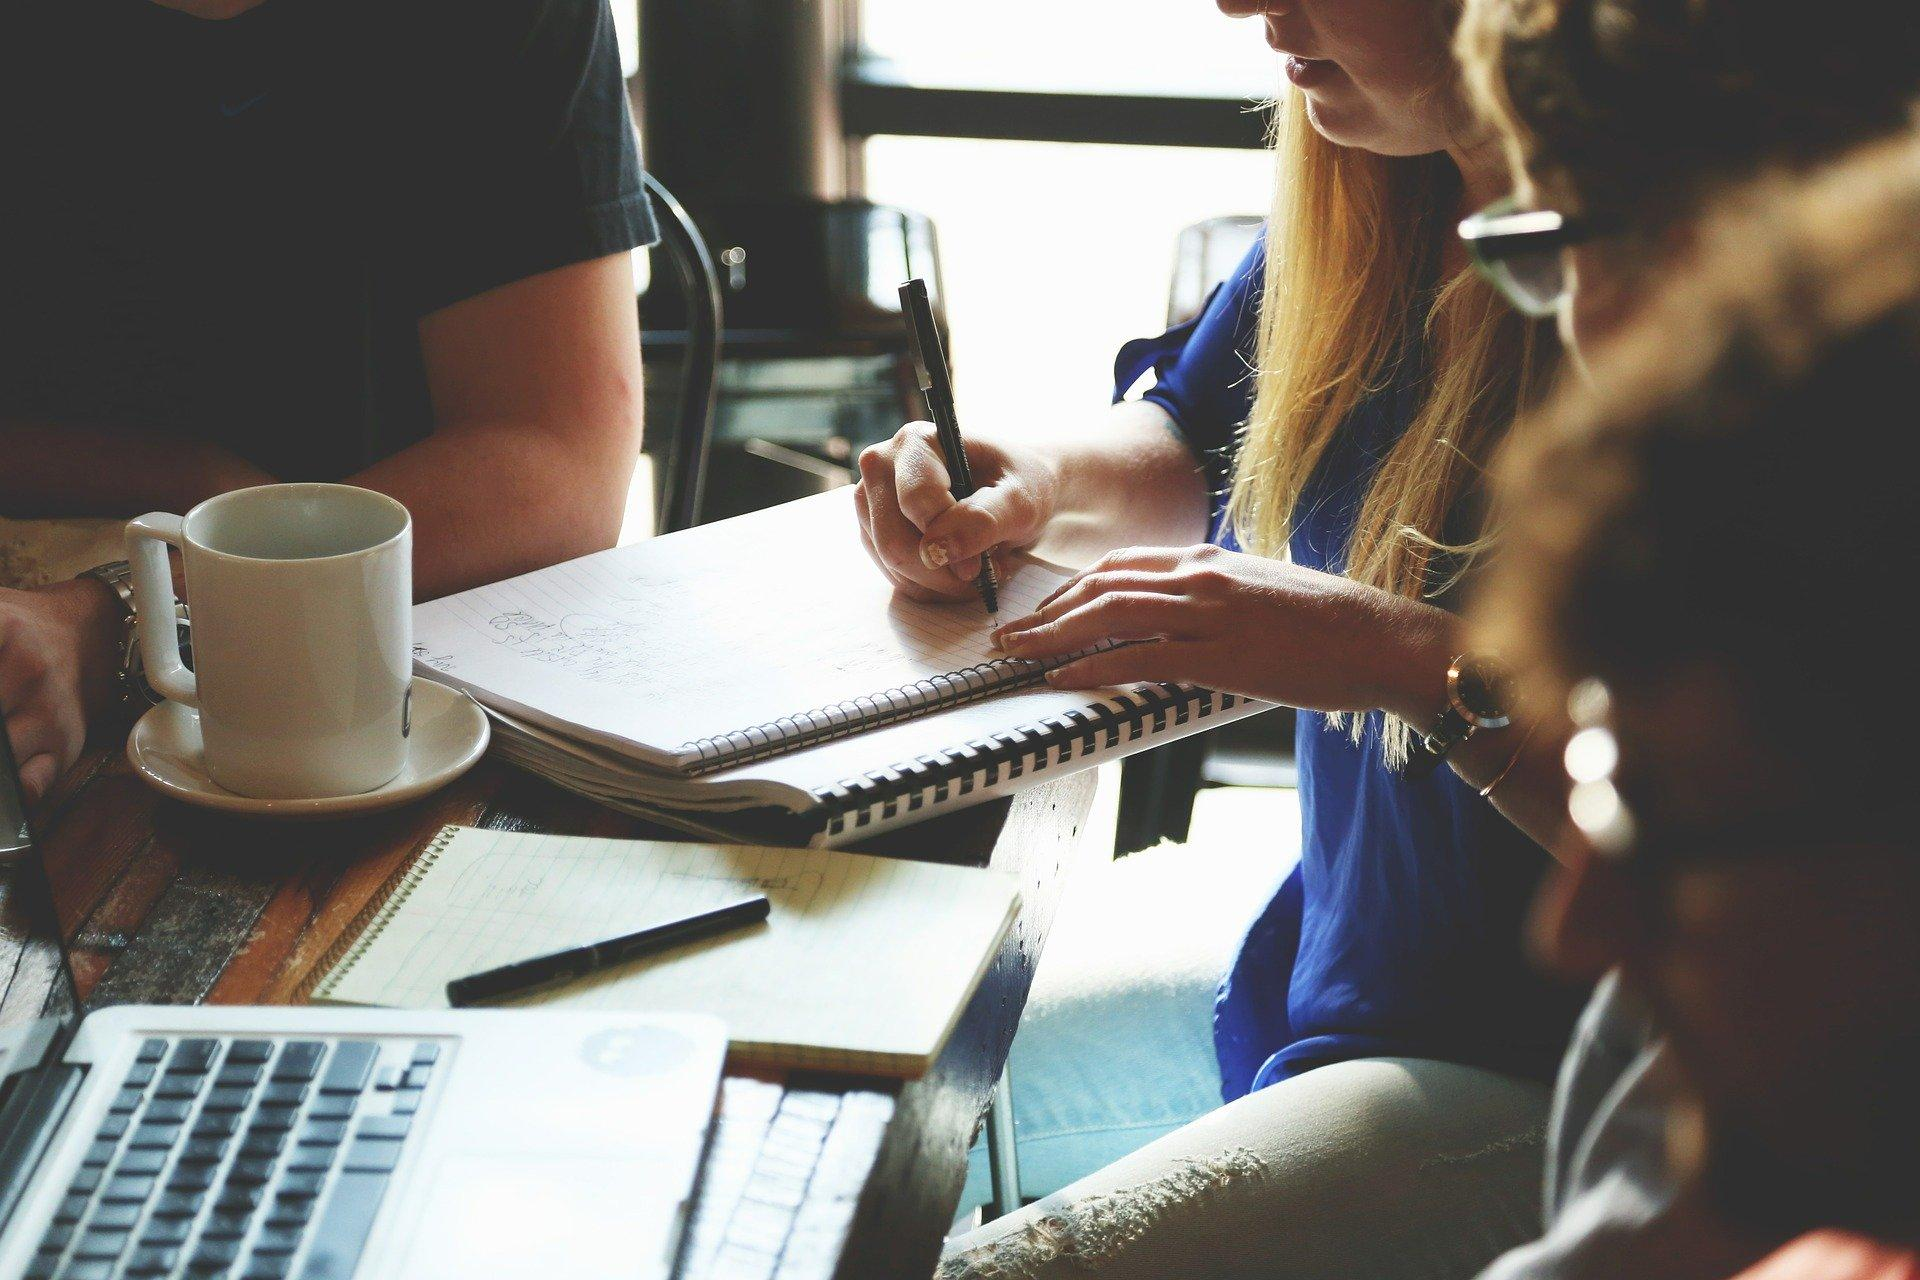 Wenn Sie ein Protokoll schreiben, notieren Sie sich ausschließlich relevante Informationen.